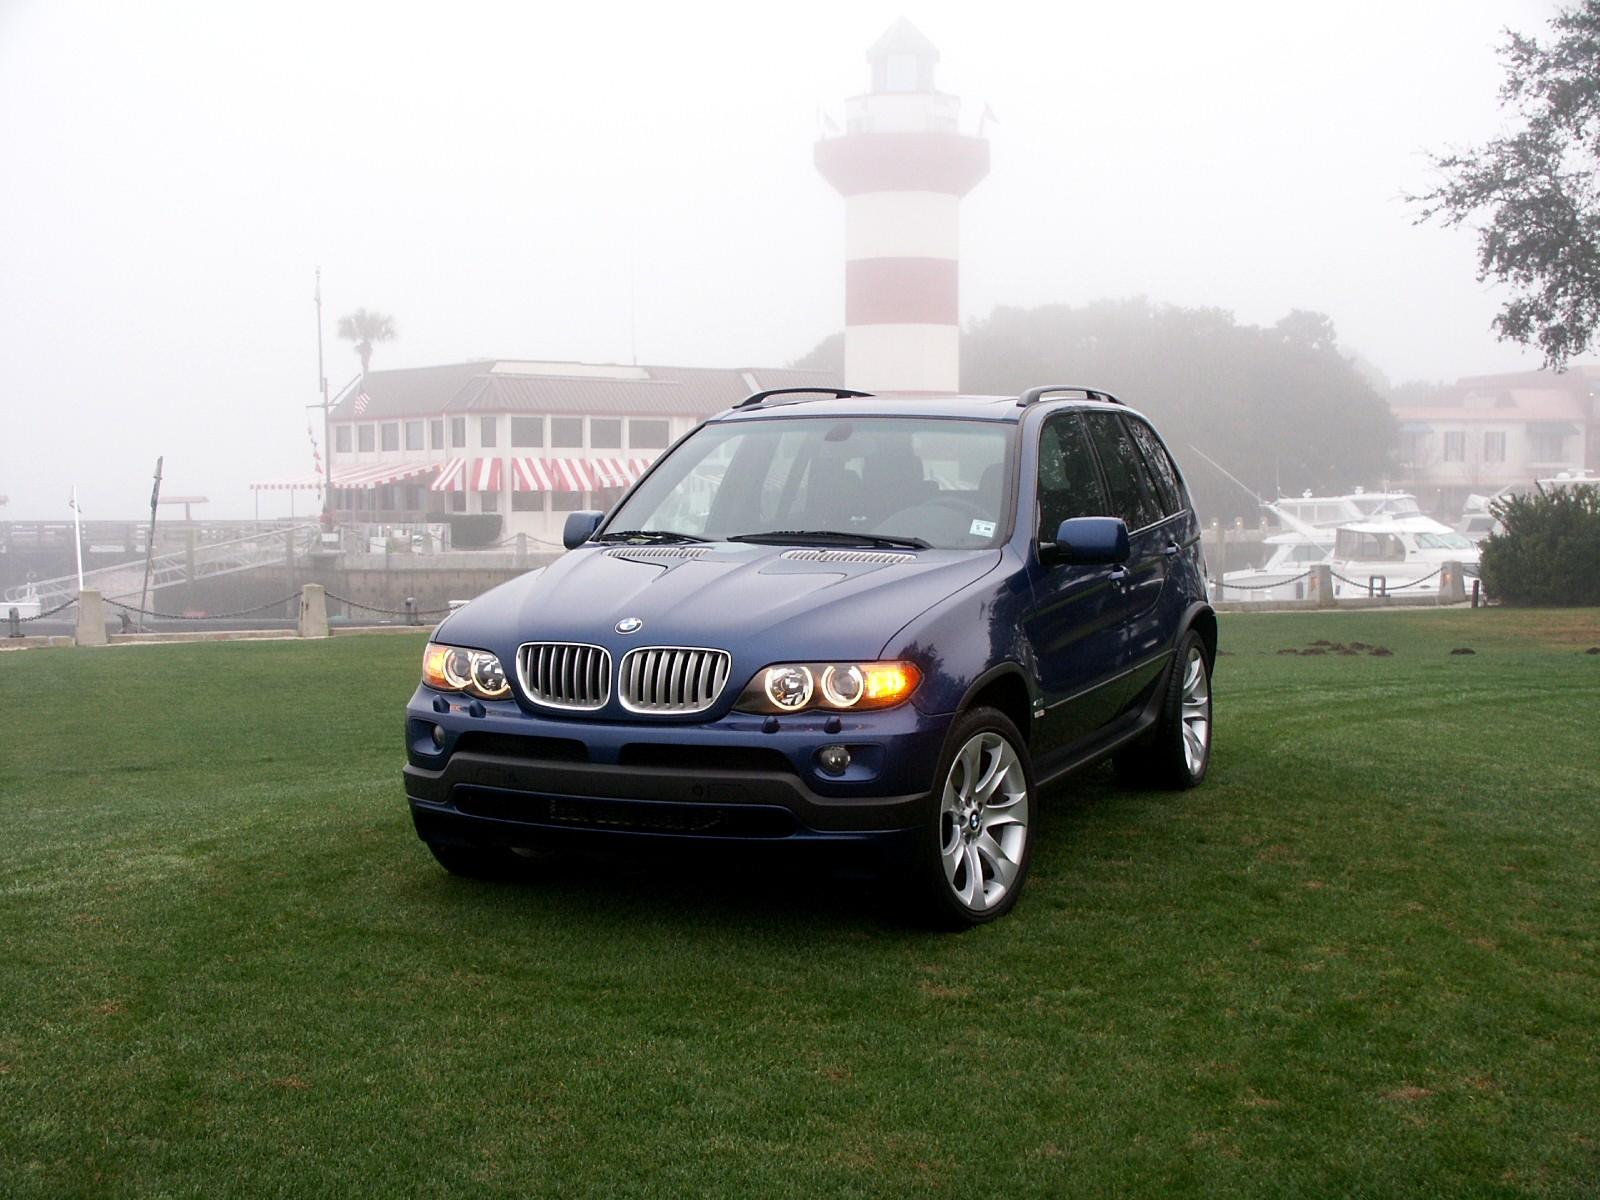 http://4.bp.blogspot.com/-M4Stx17Kcx0/UA1BctdztYI/AAAAAAAABiI/0vKM0SG8DBM/s1600/picture-bmw-x5-car.jpg